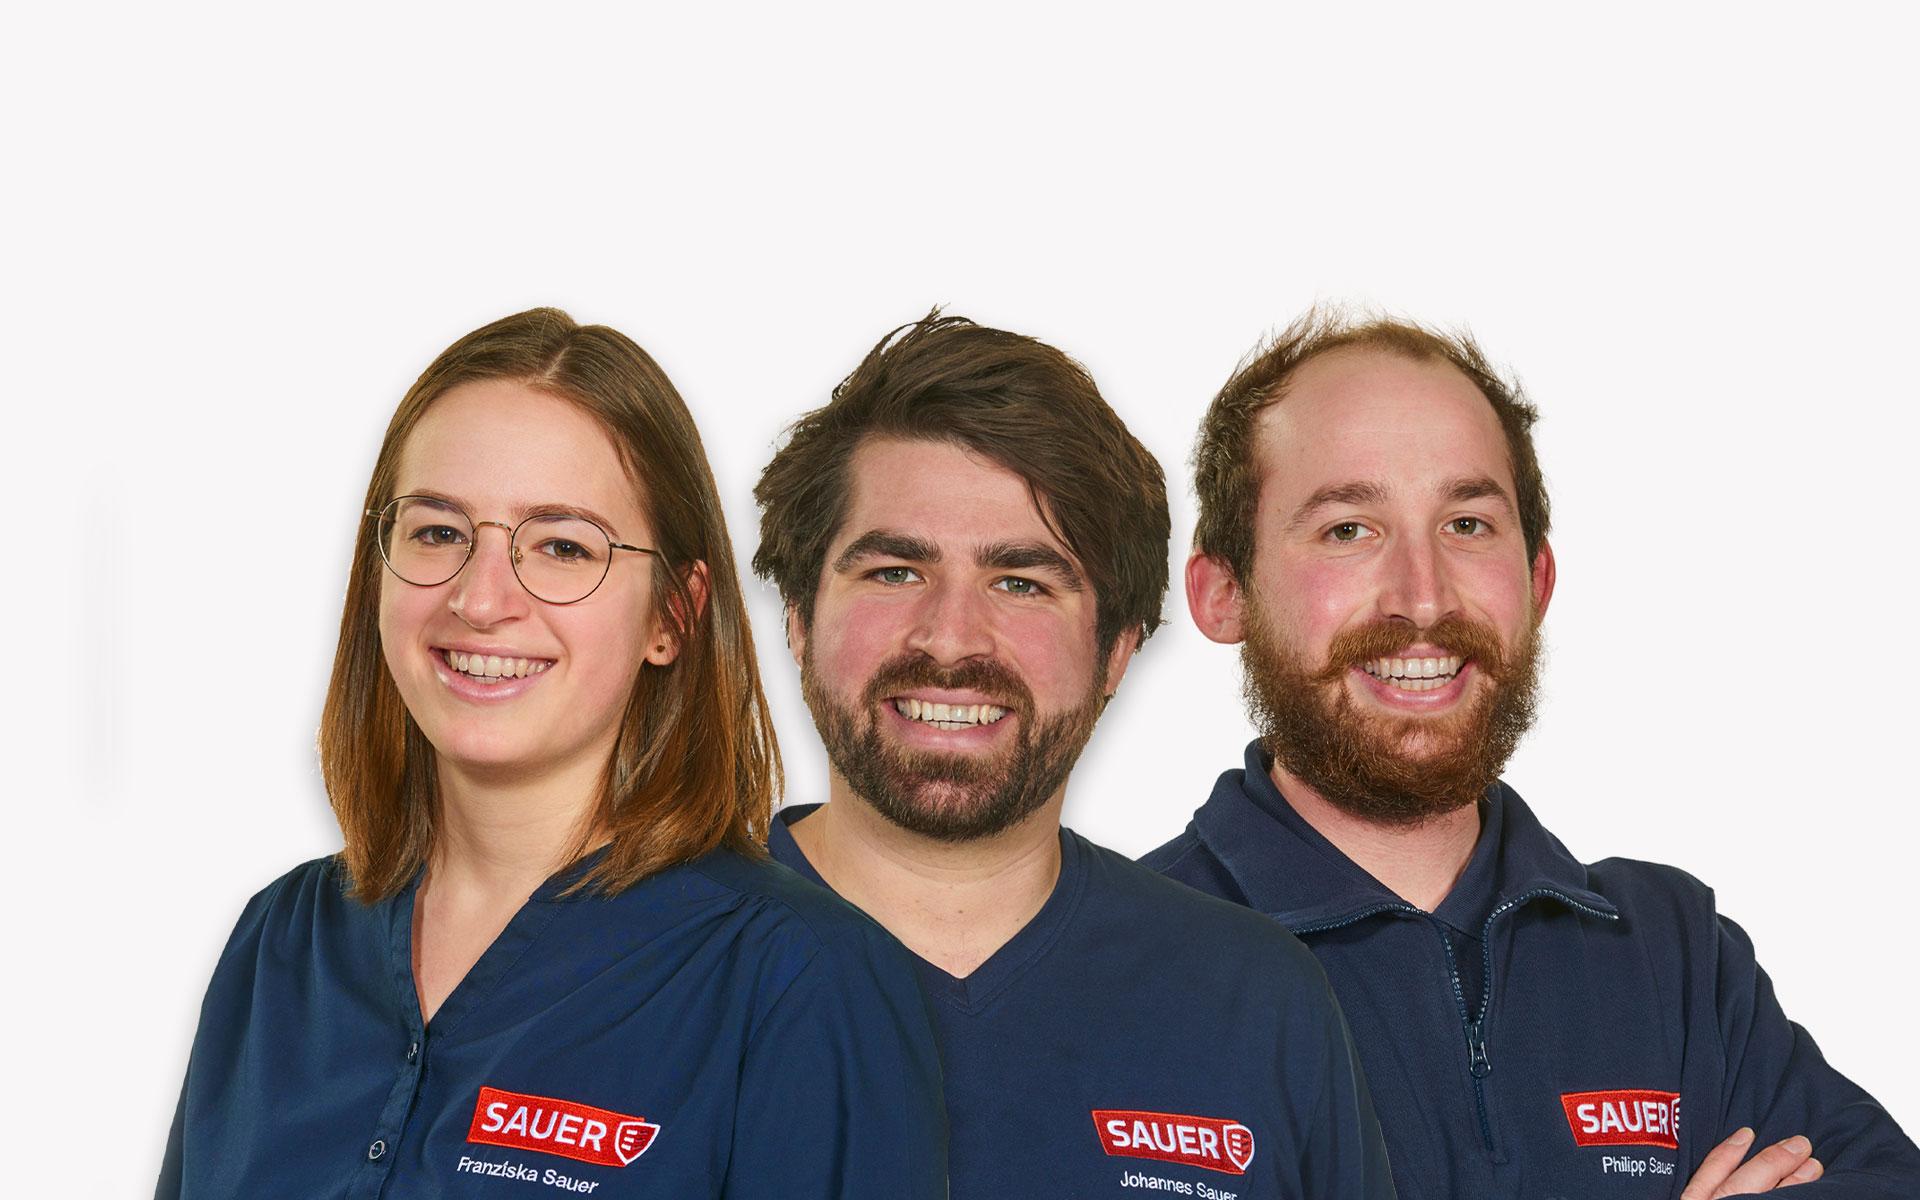 Nachfolge F. Sauer, J. Sauer und Ph. Sauer